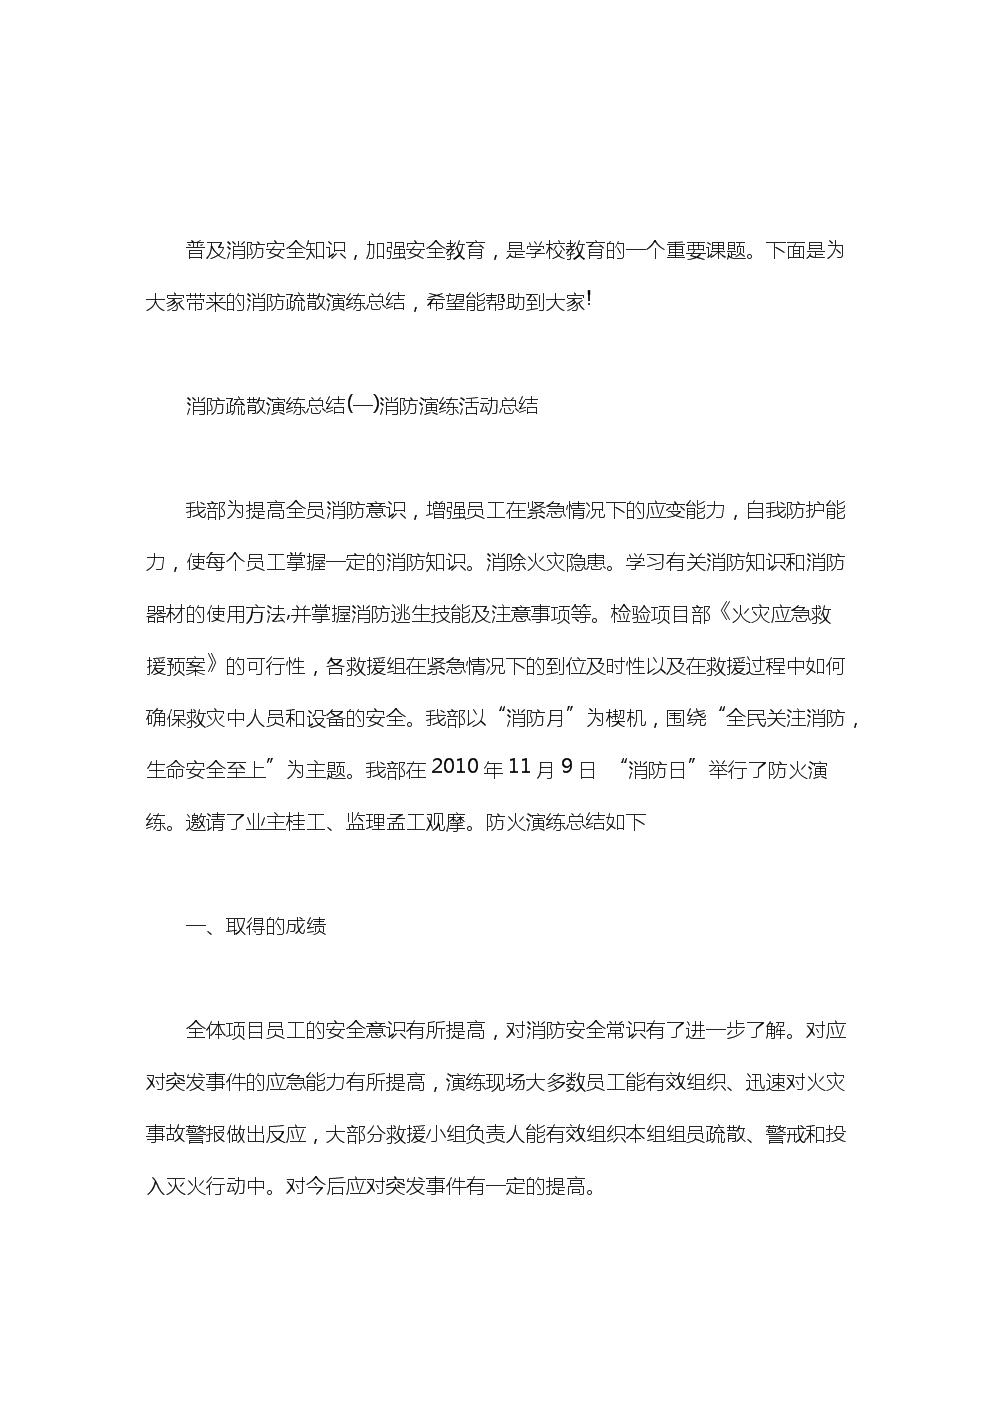 [消防疏散演练总结讲话]消防疏散演练总结.doc